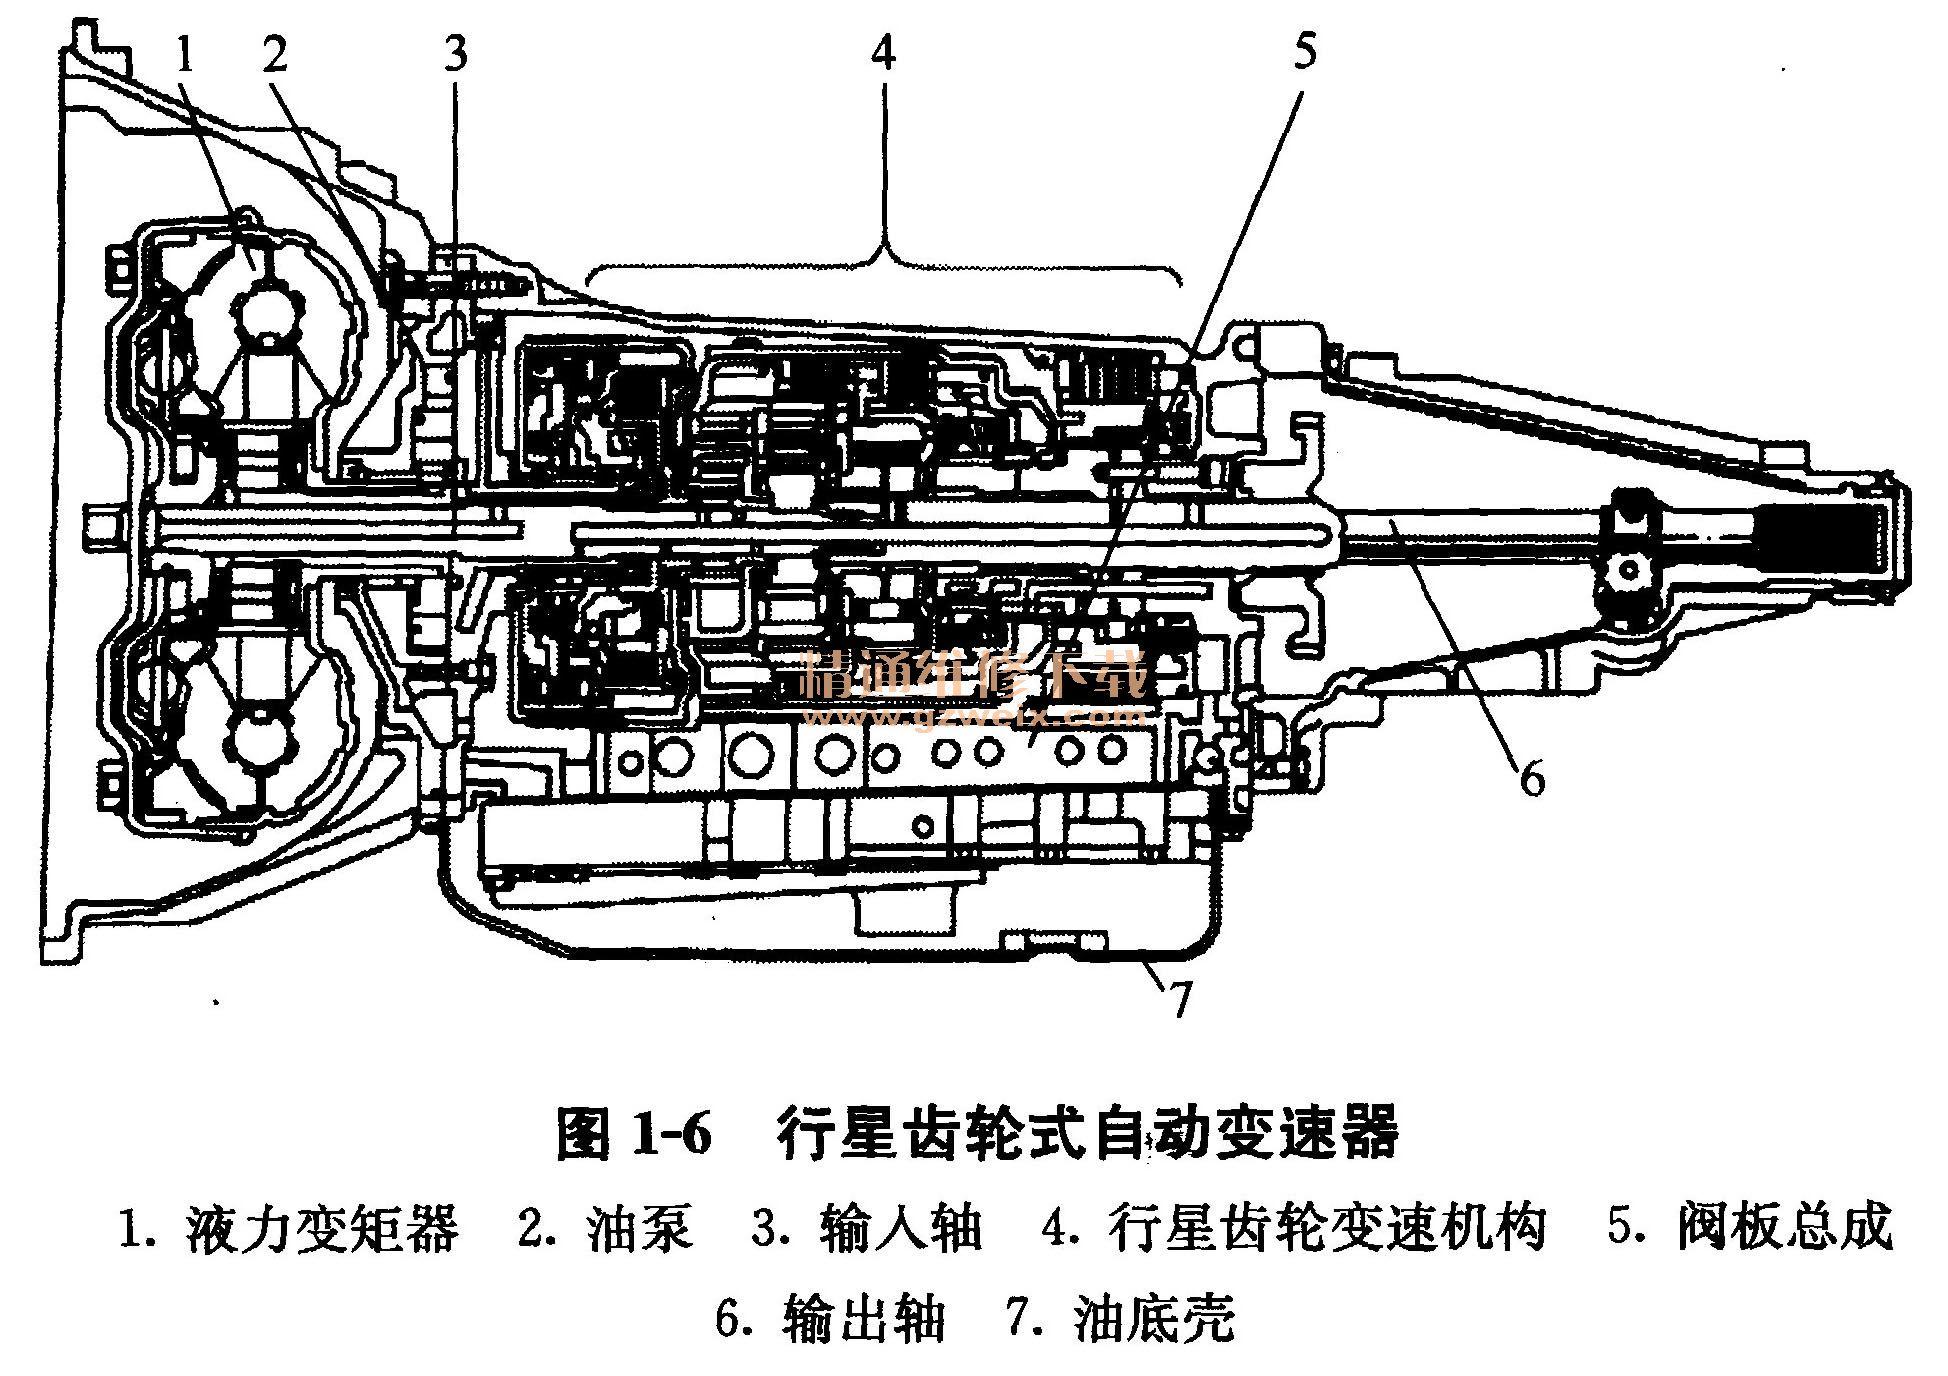 三、自动变速器的功用与安装位置 1.自动变速器的功用 自动变速器的功用与手动变速器基本相同,只是汽车驾驶中离合器的操纵和变速器的操纵都实现了自动化。目前自动变速器的自动换档等过程都是由自动变速器的电子控制单元(ECU)控制的。自动变速器实物如图1-4所示。  2.自动变速器安装位置 自动变速器一般安装在发动机后部,位置如图1-5所示。有前置后驱动型和前置前驱动型两种类型。  四、自动变速器的分类 (1)按齿轮变速机构的结构分类按齿轮变速机构的结构不同,自动变速器可分为行星齿轮式和平行轴式两种。行星齿轮式又